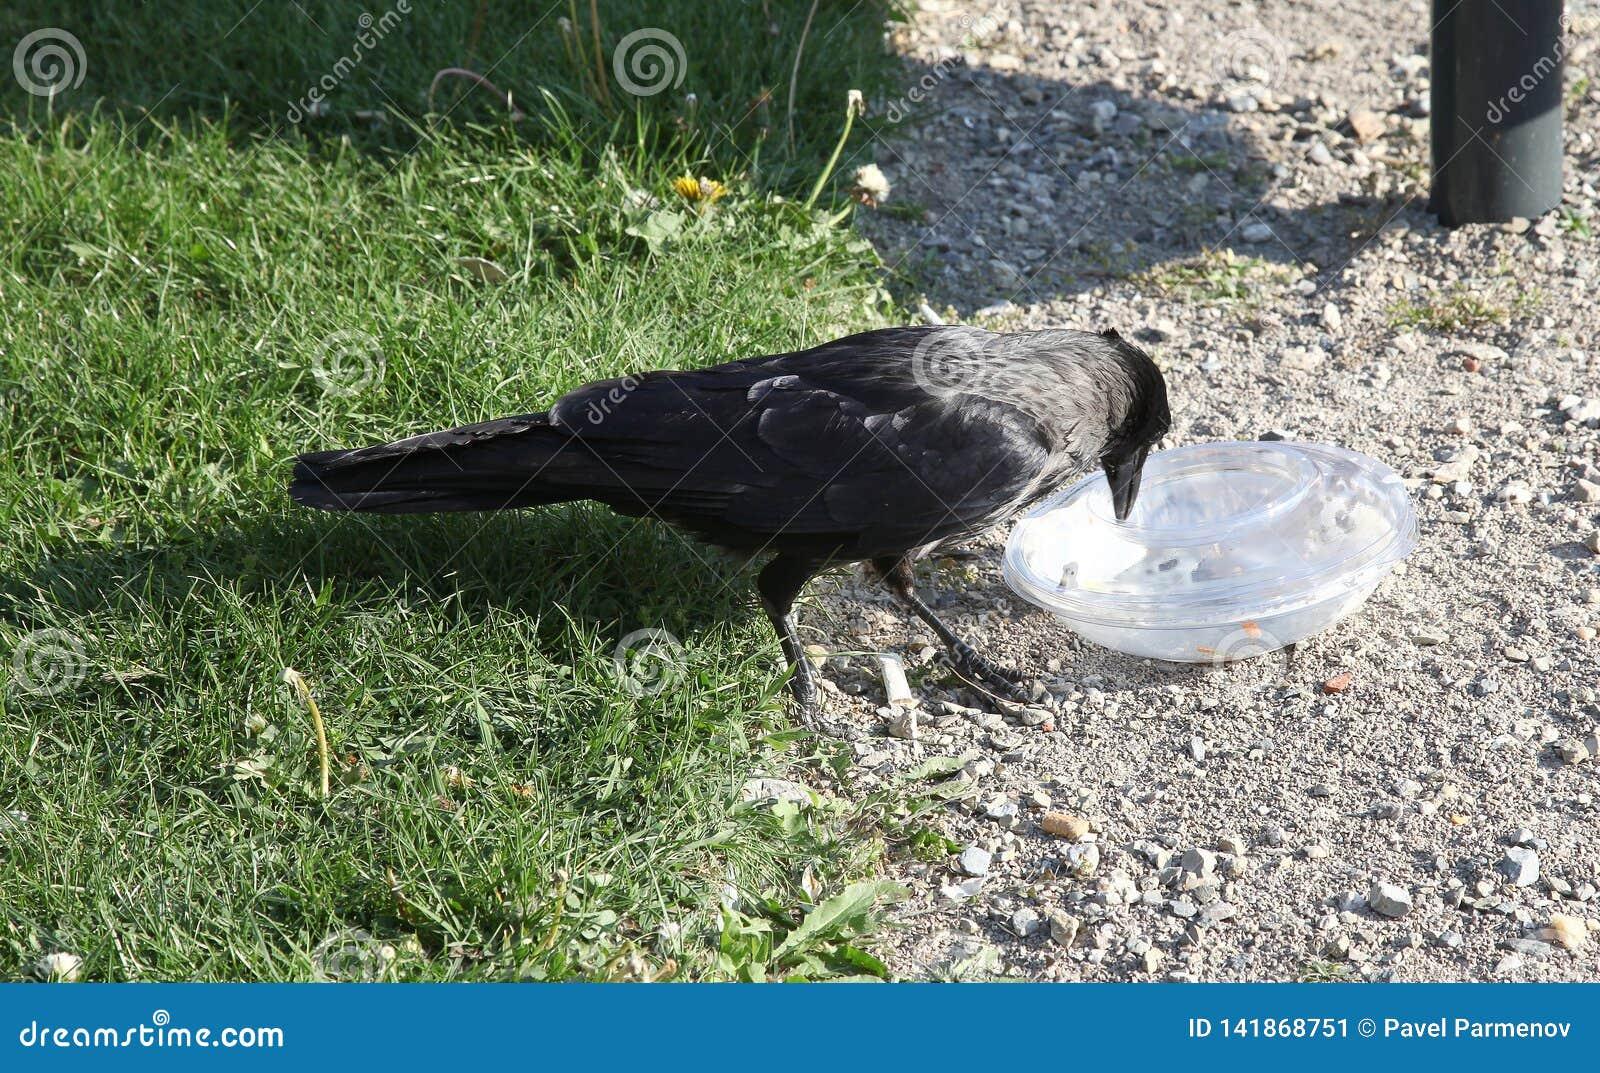 De kraai trekt voedsel uit plastic container